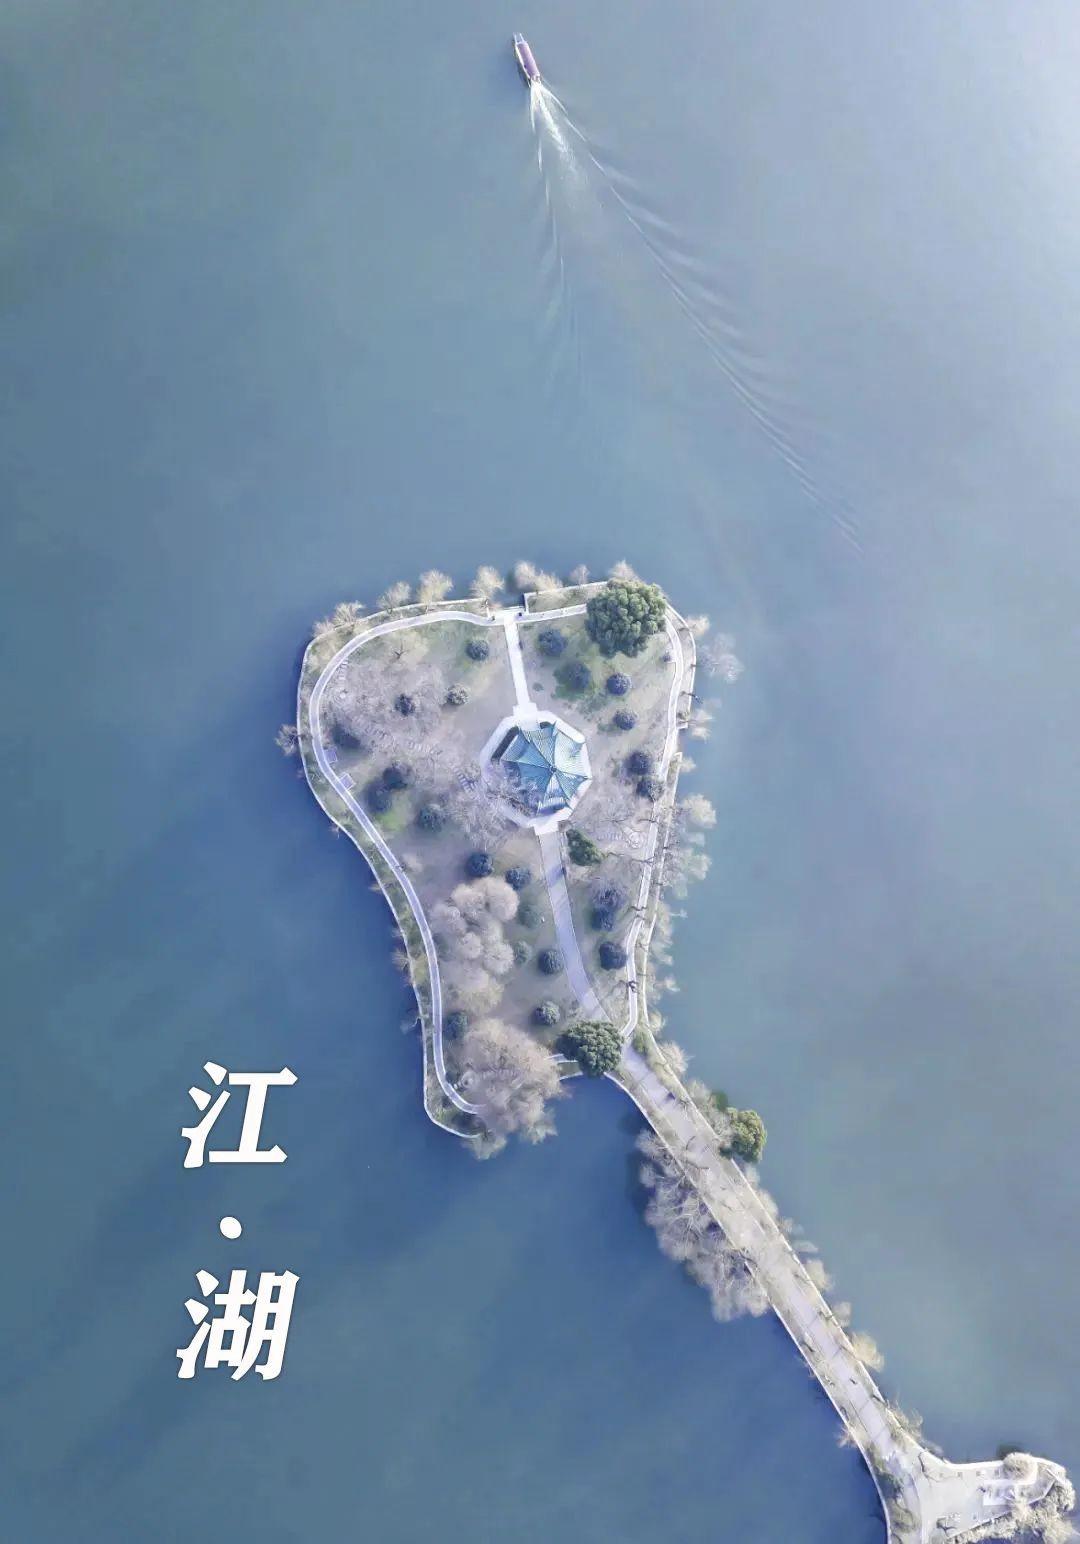 今天下午4点45分万众瞩目!全球关注的湖北武汉时间到!